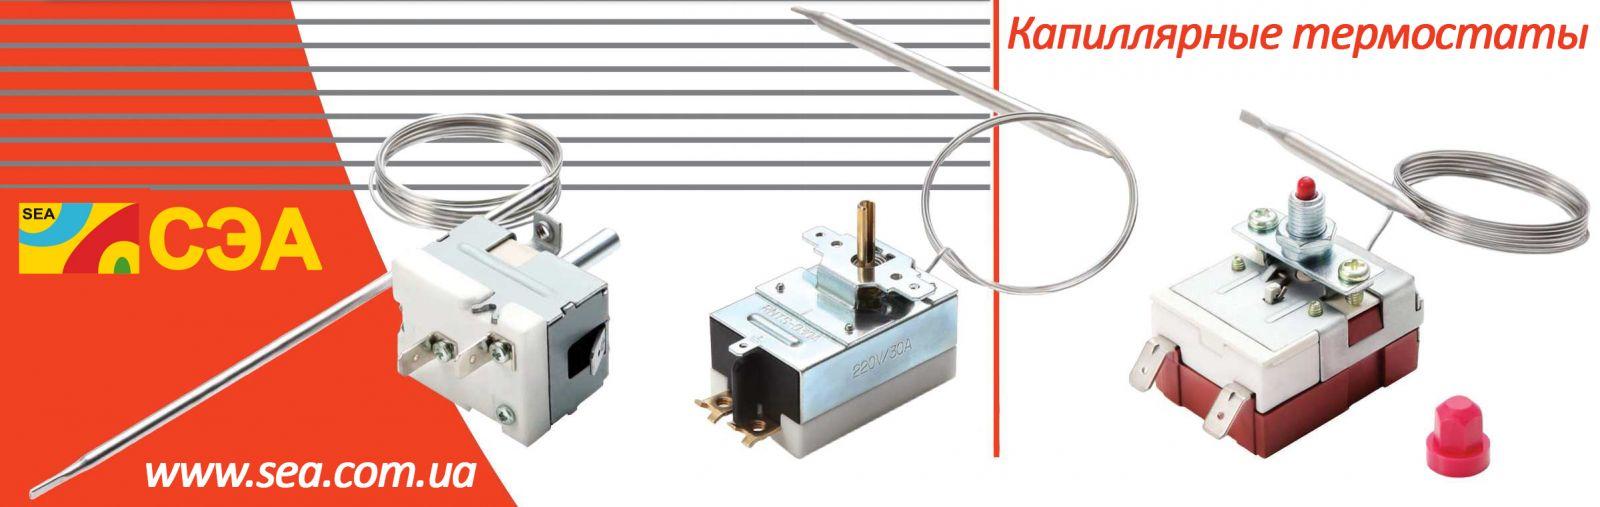 Капиллярные термостаты - продукты Microtherm